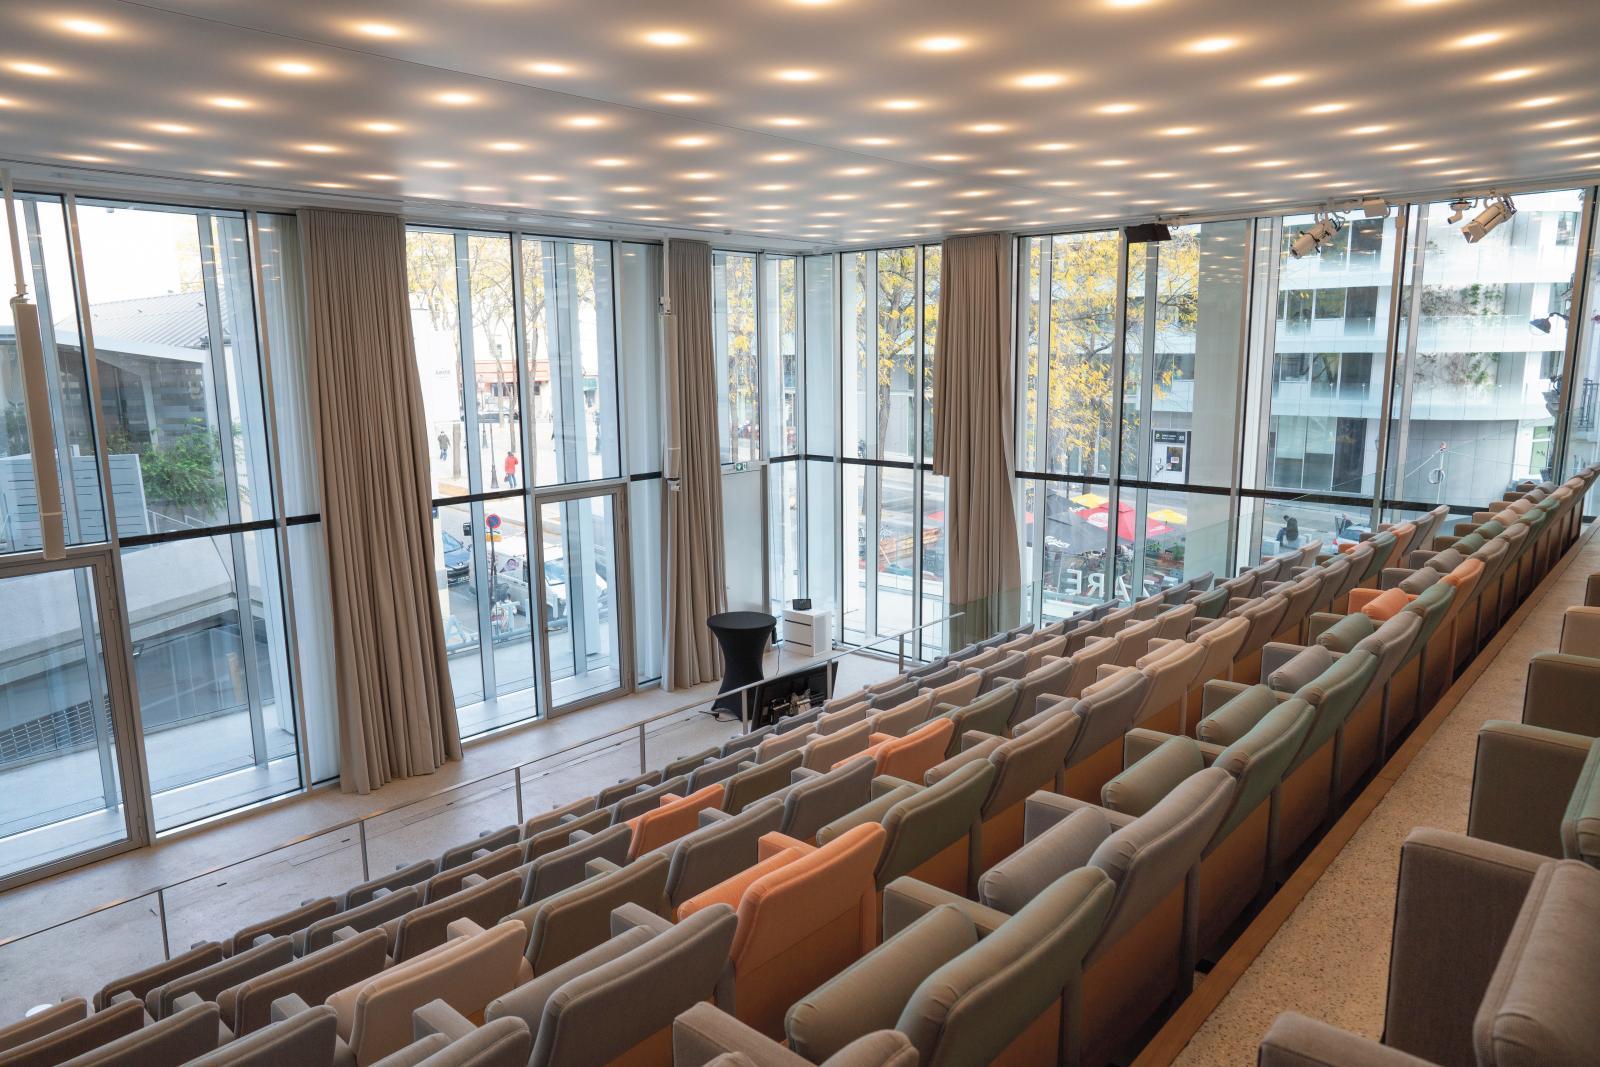 L'auditorium de la fondation. ©FONDATION D'ENTREPRISE PERNOD RICARD